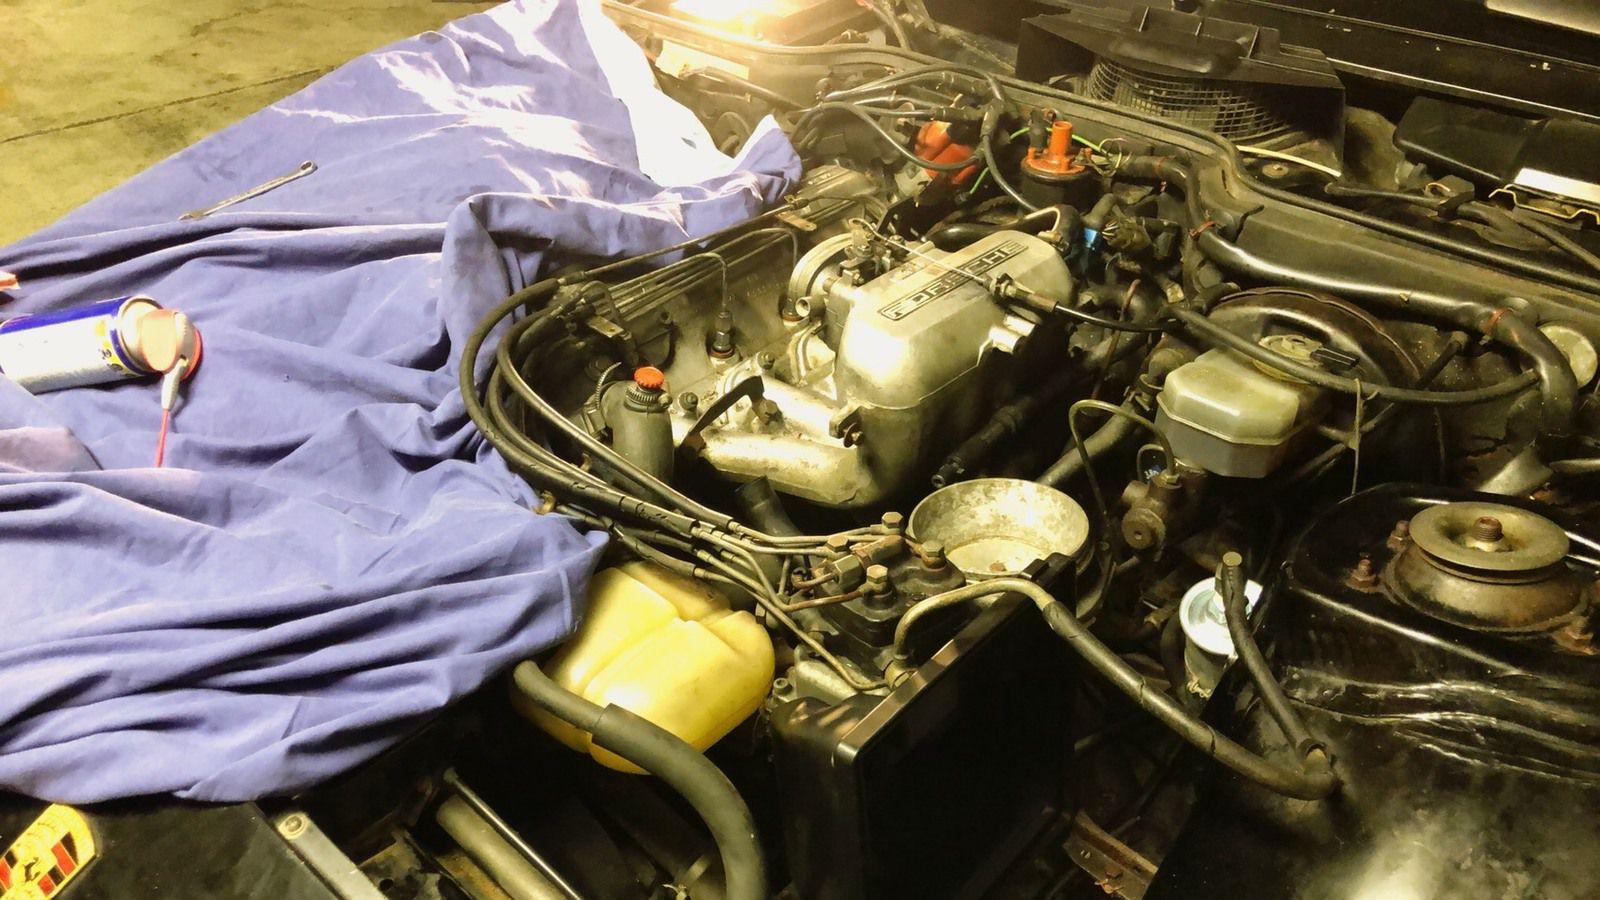 Porsche 924 : Démarrage à froid, premier démarrage !